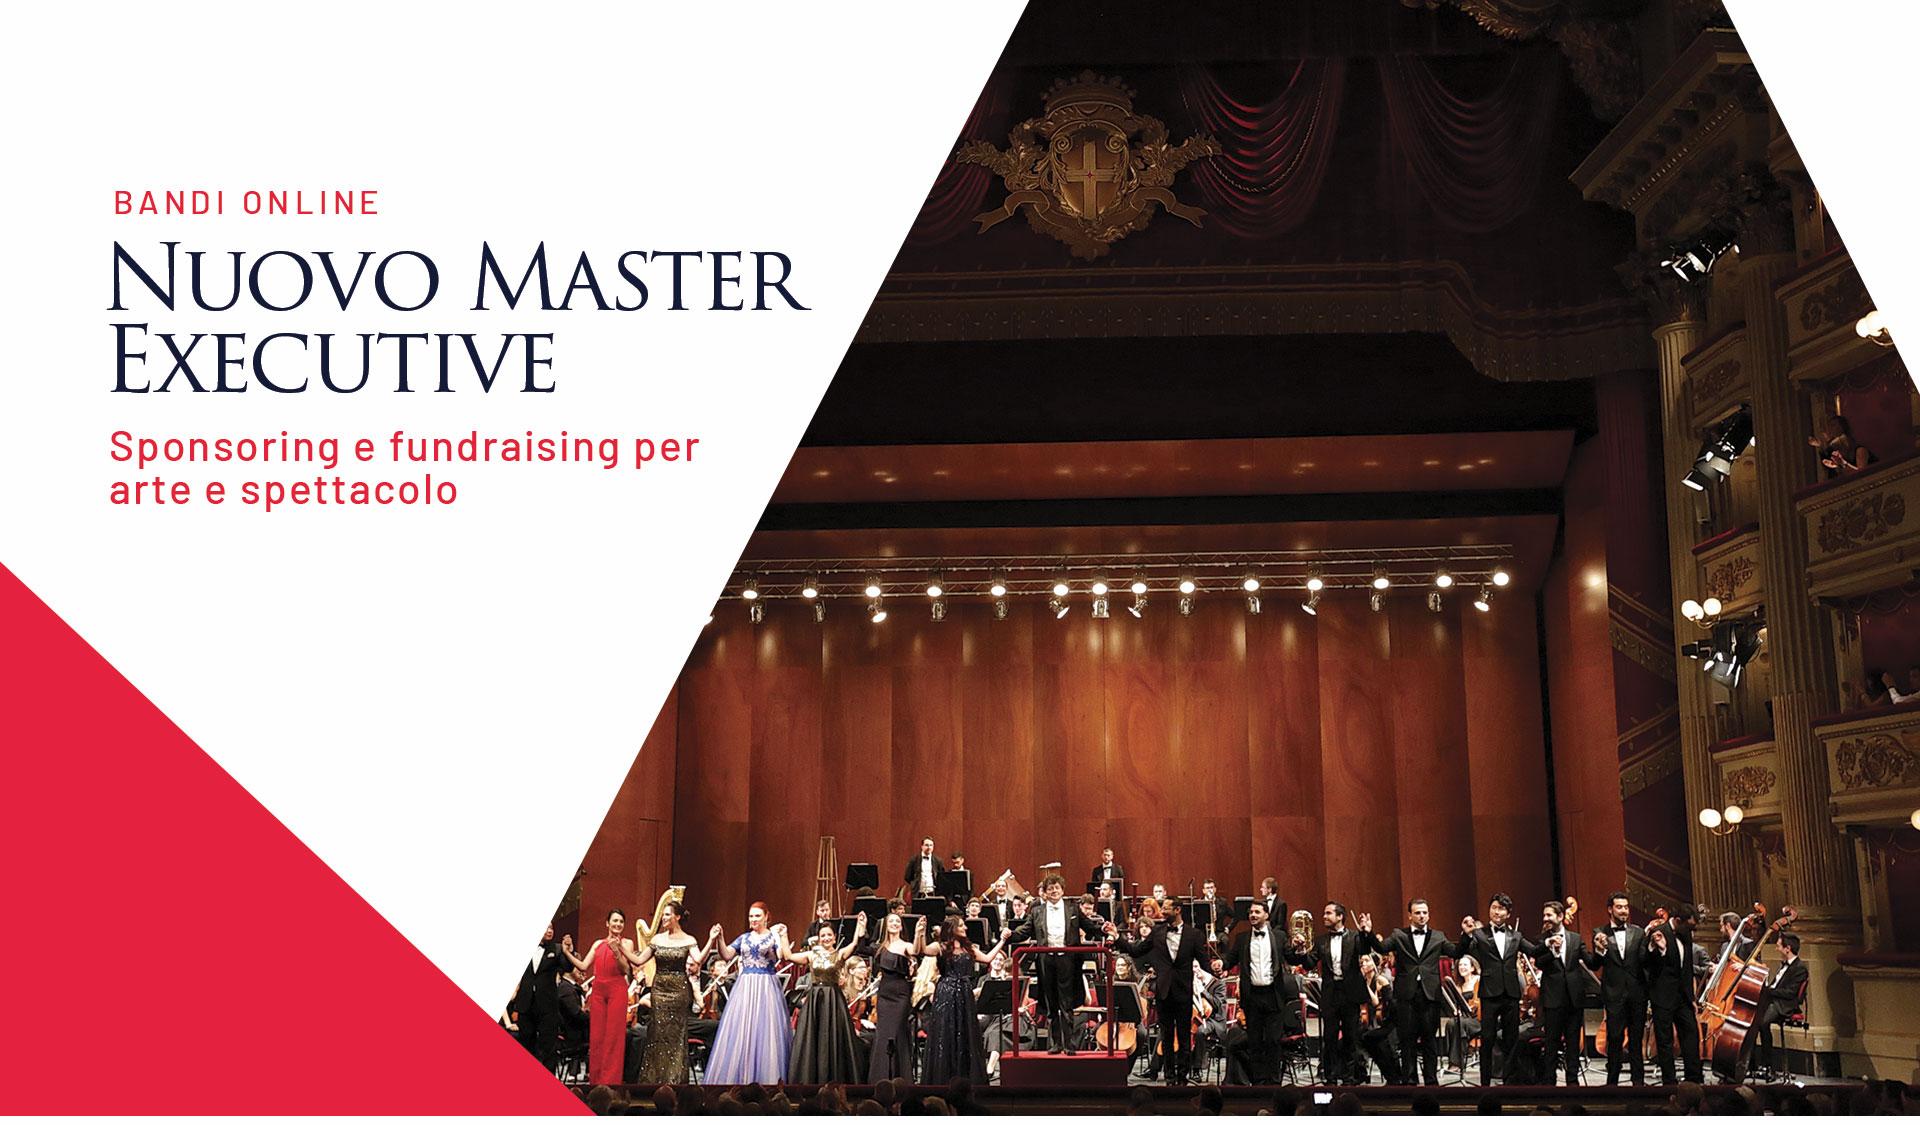 nuovo bando per master executive in fundraising per arte e spettacolo